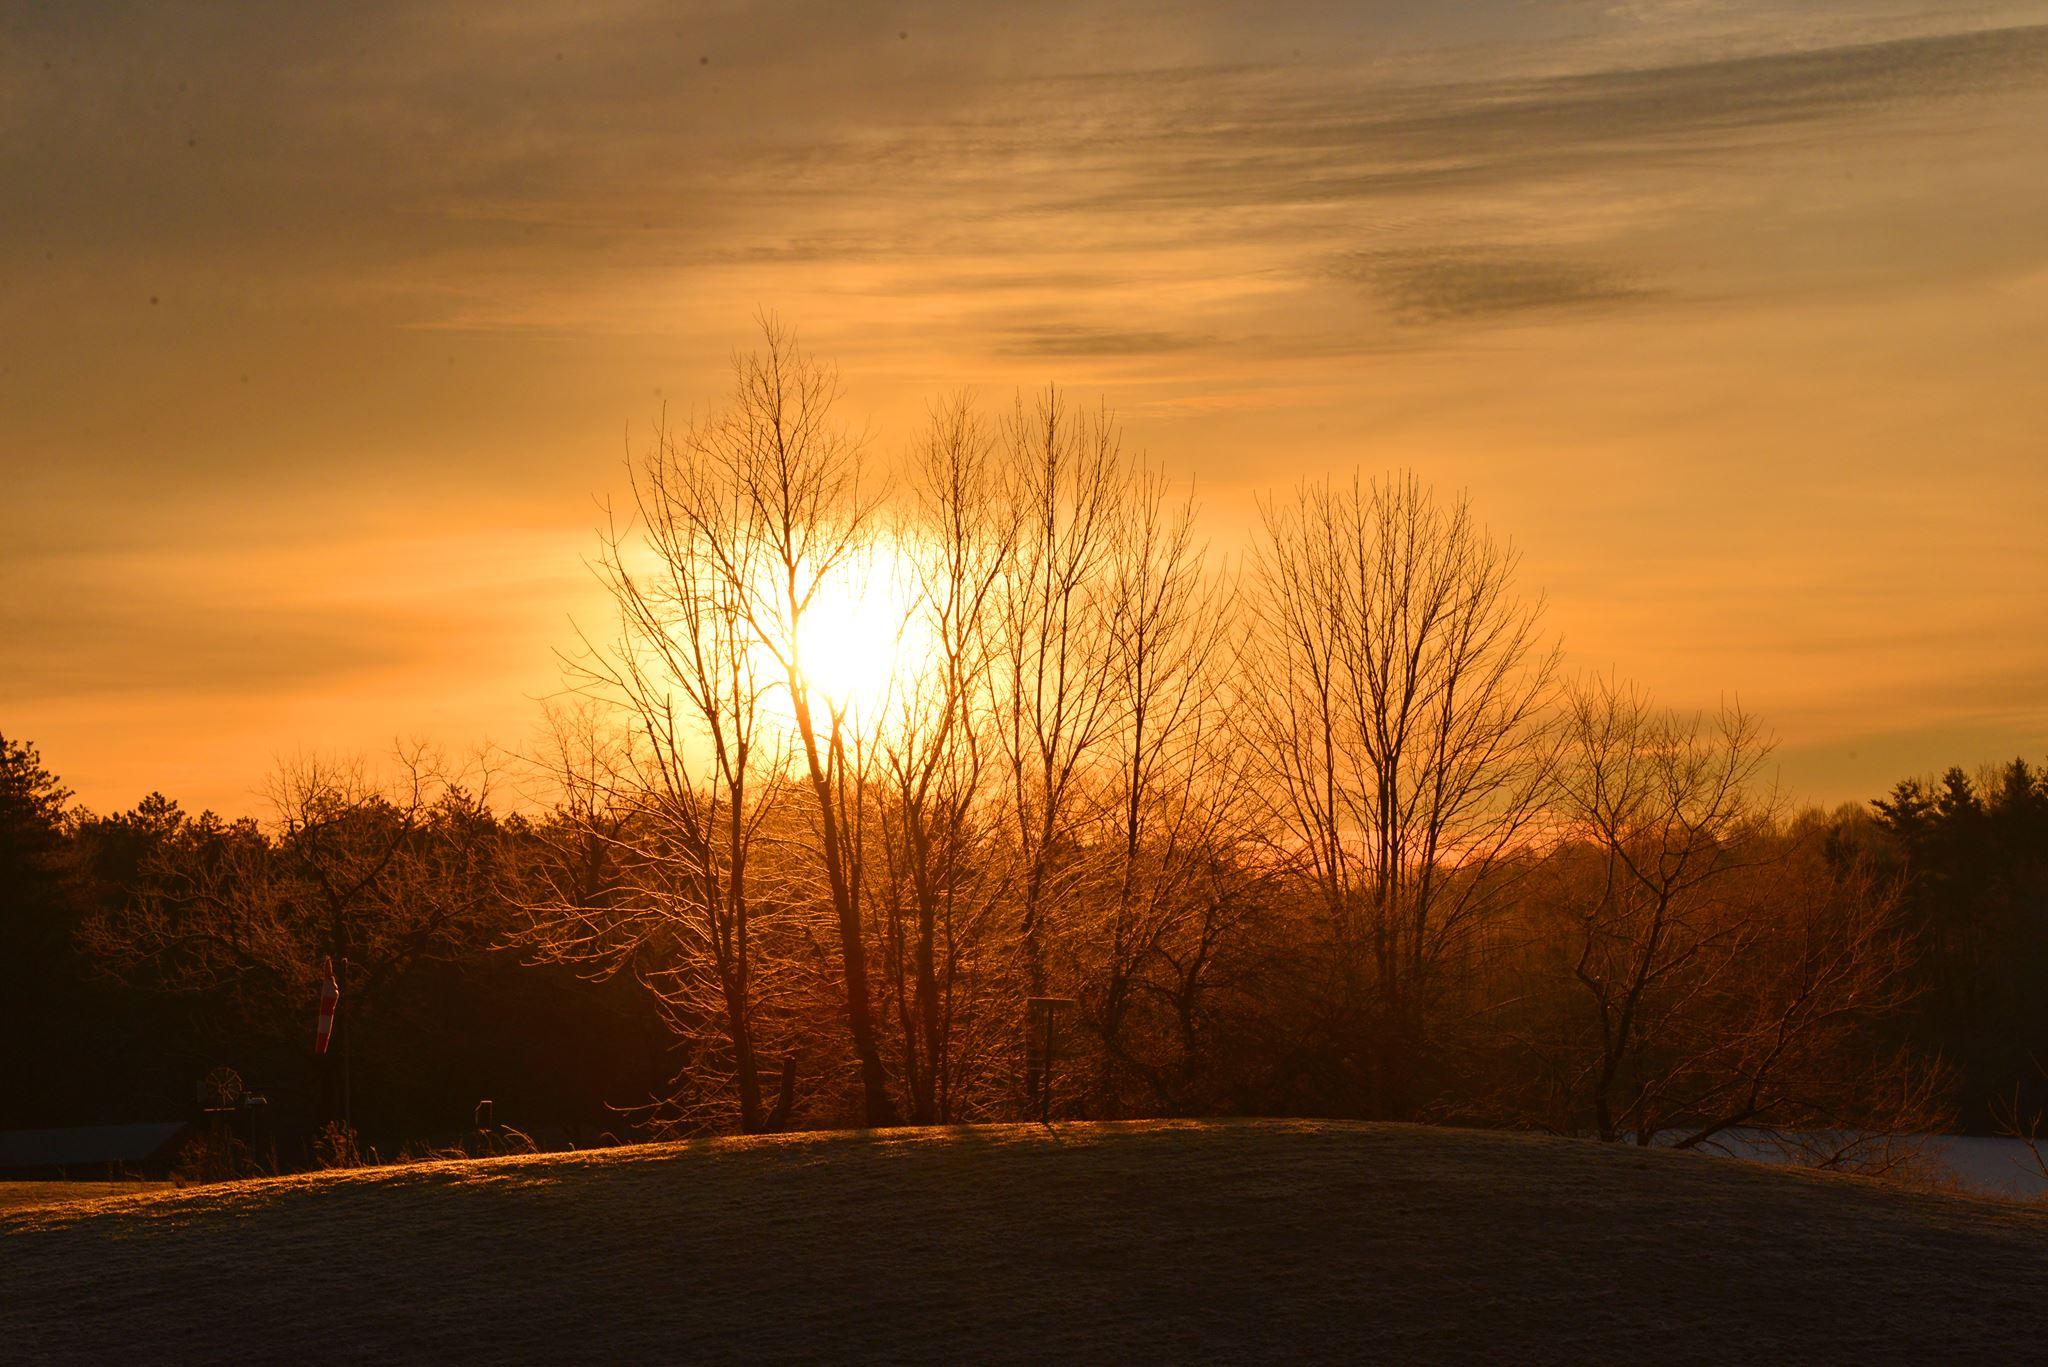 Winter Morning at Camp Asbury